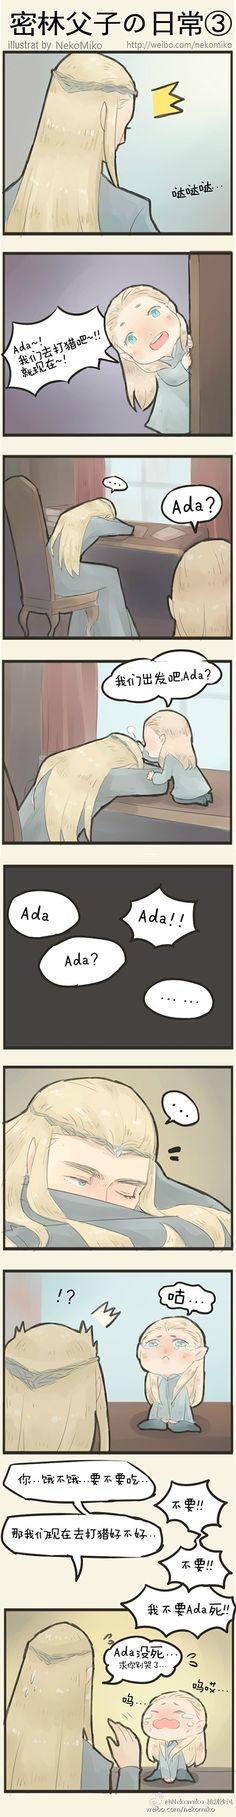 Thranduil and Legolas | Ada, Ada? ADA!!! by Nekomiko_秘制沙包(微博)